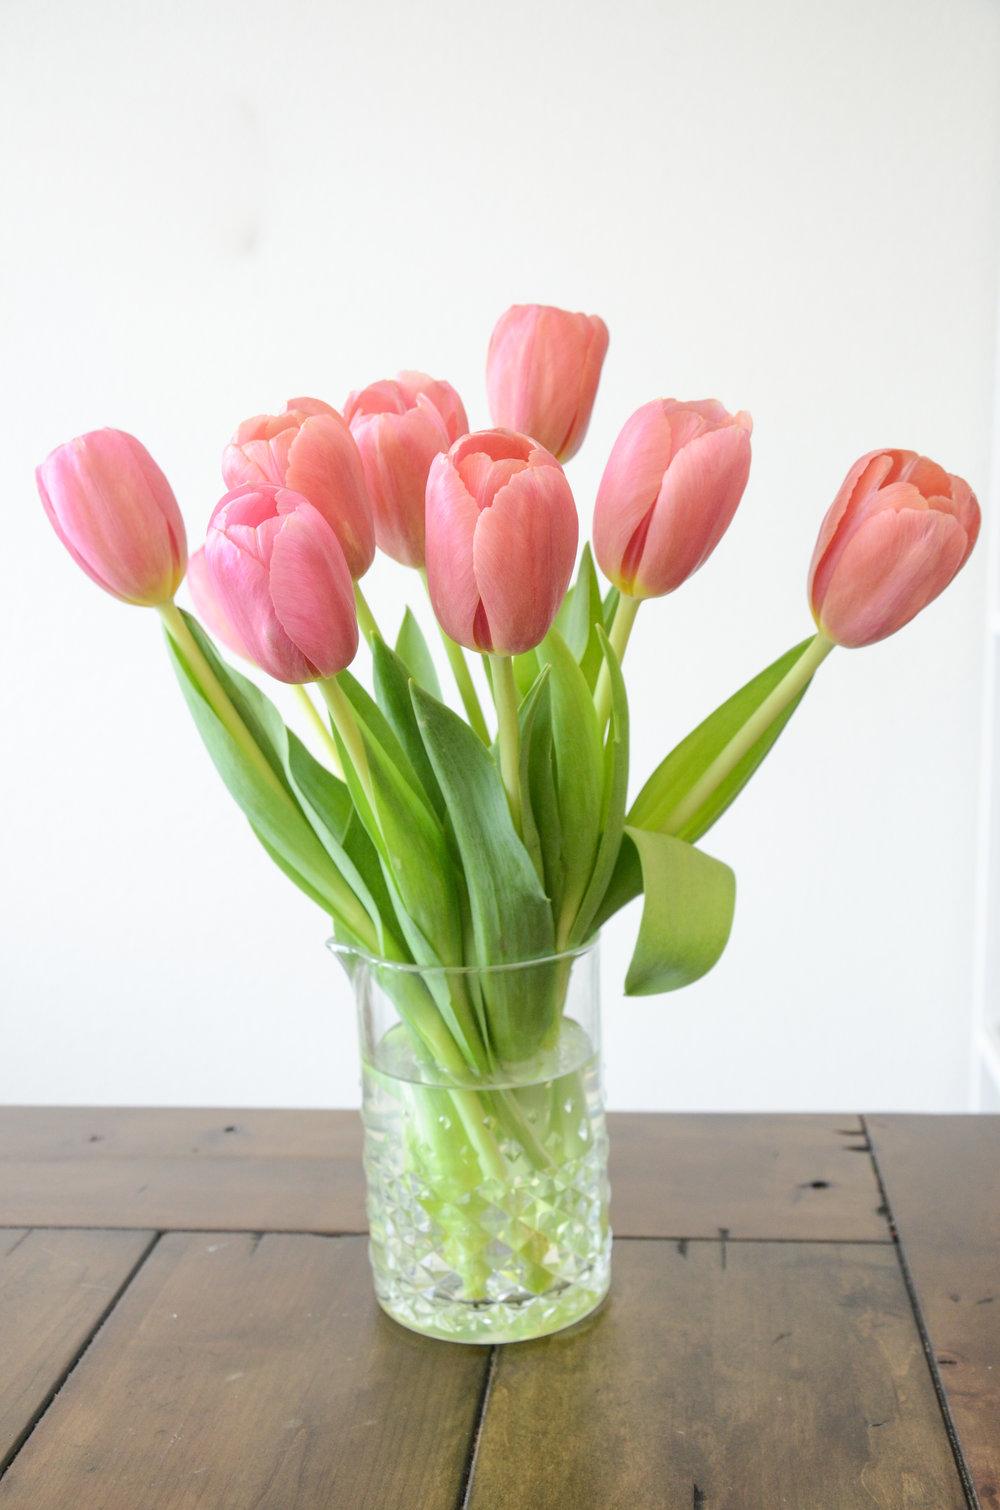 flowers tulips.jpg